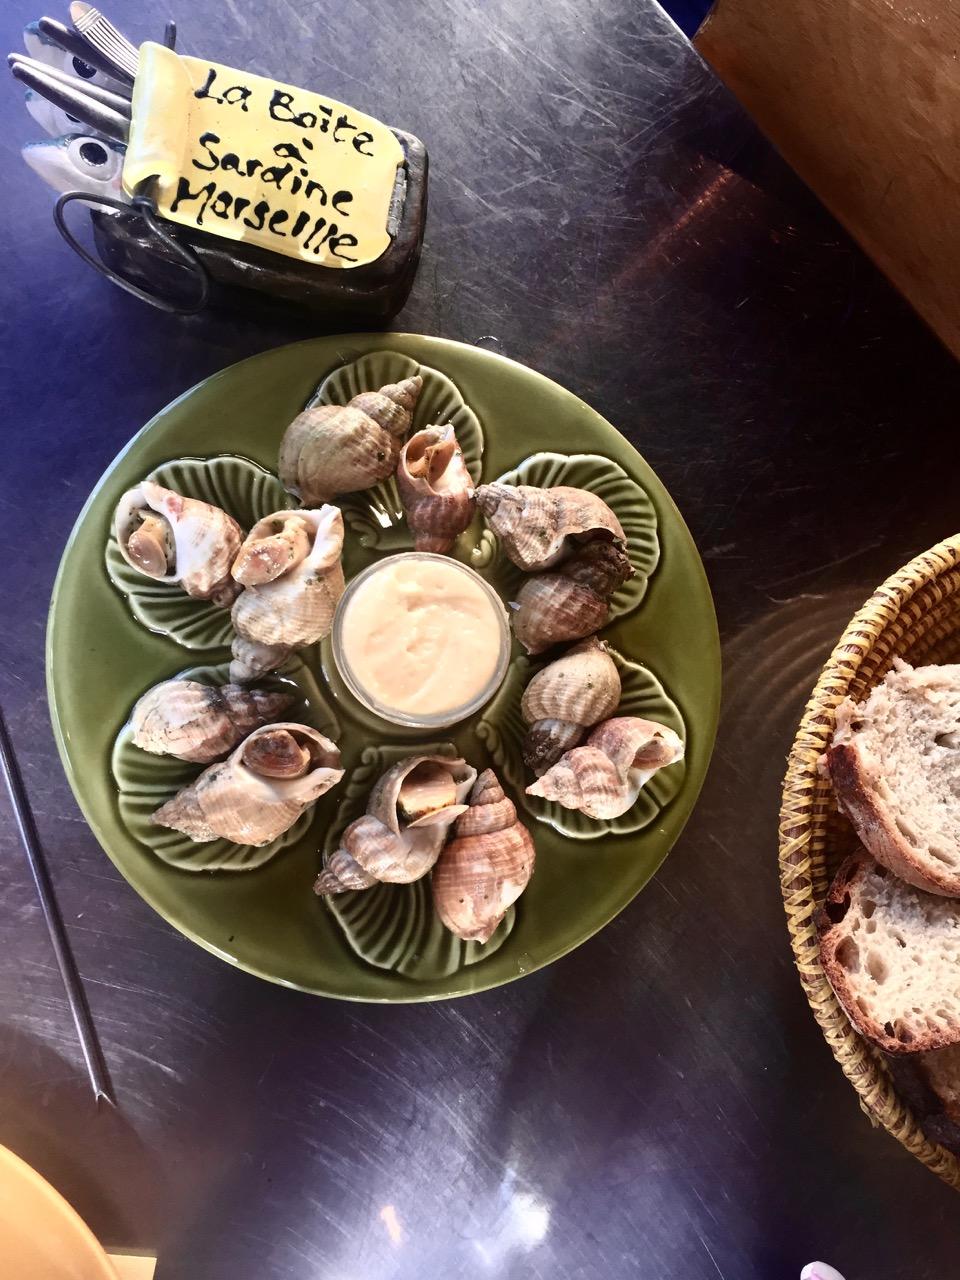 boite-a-sardine-whelk-aioli-marseille